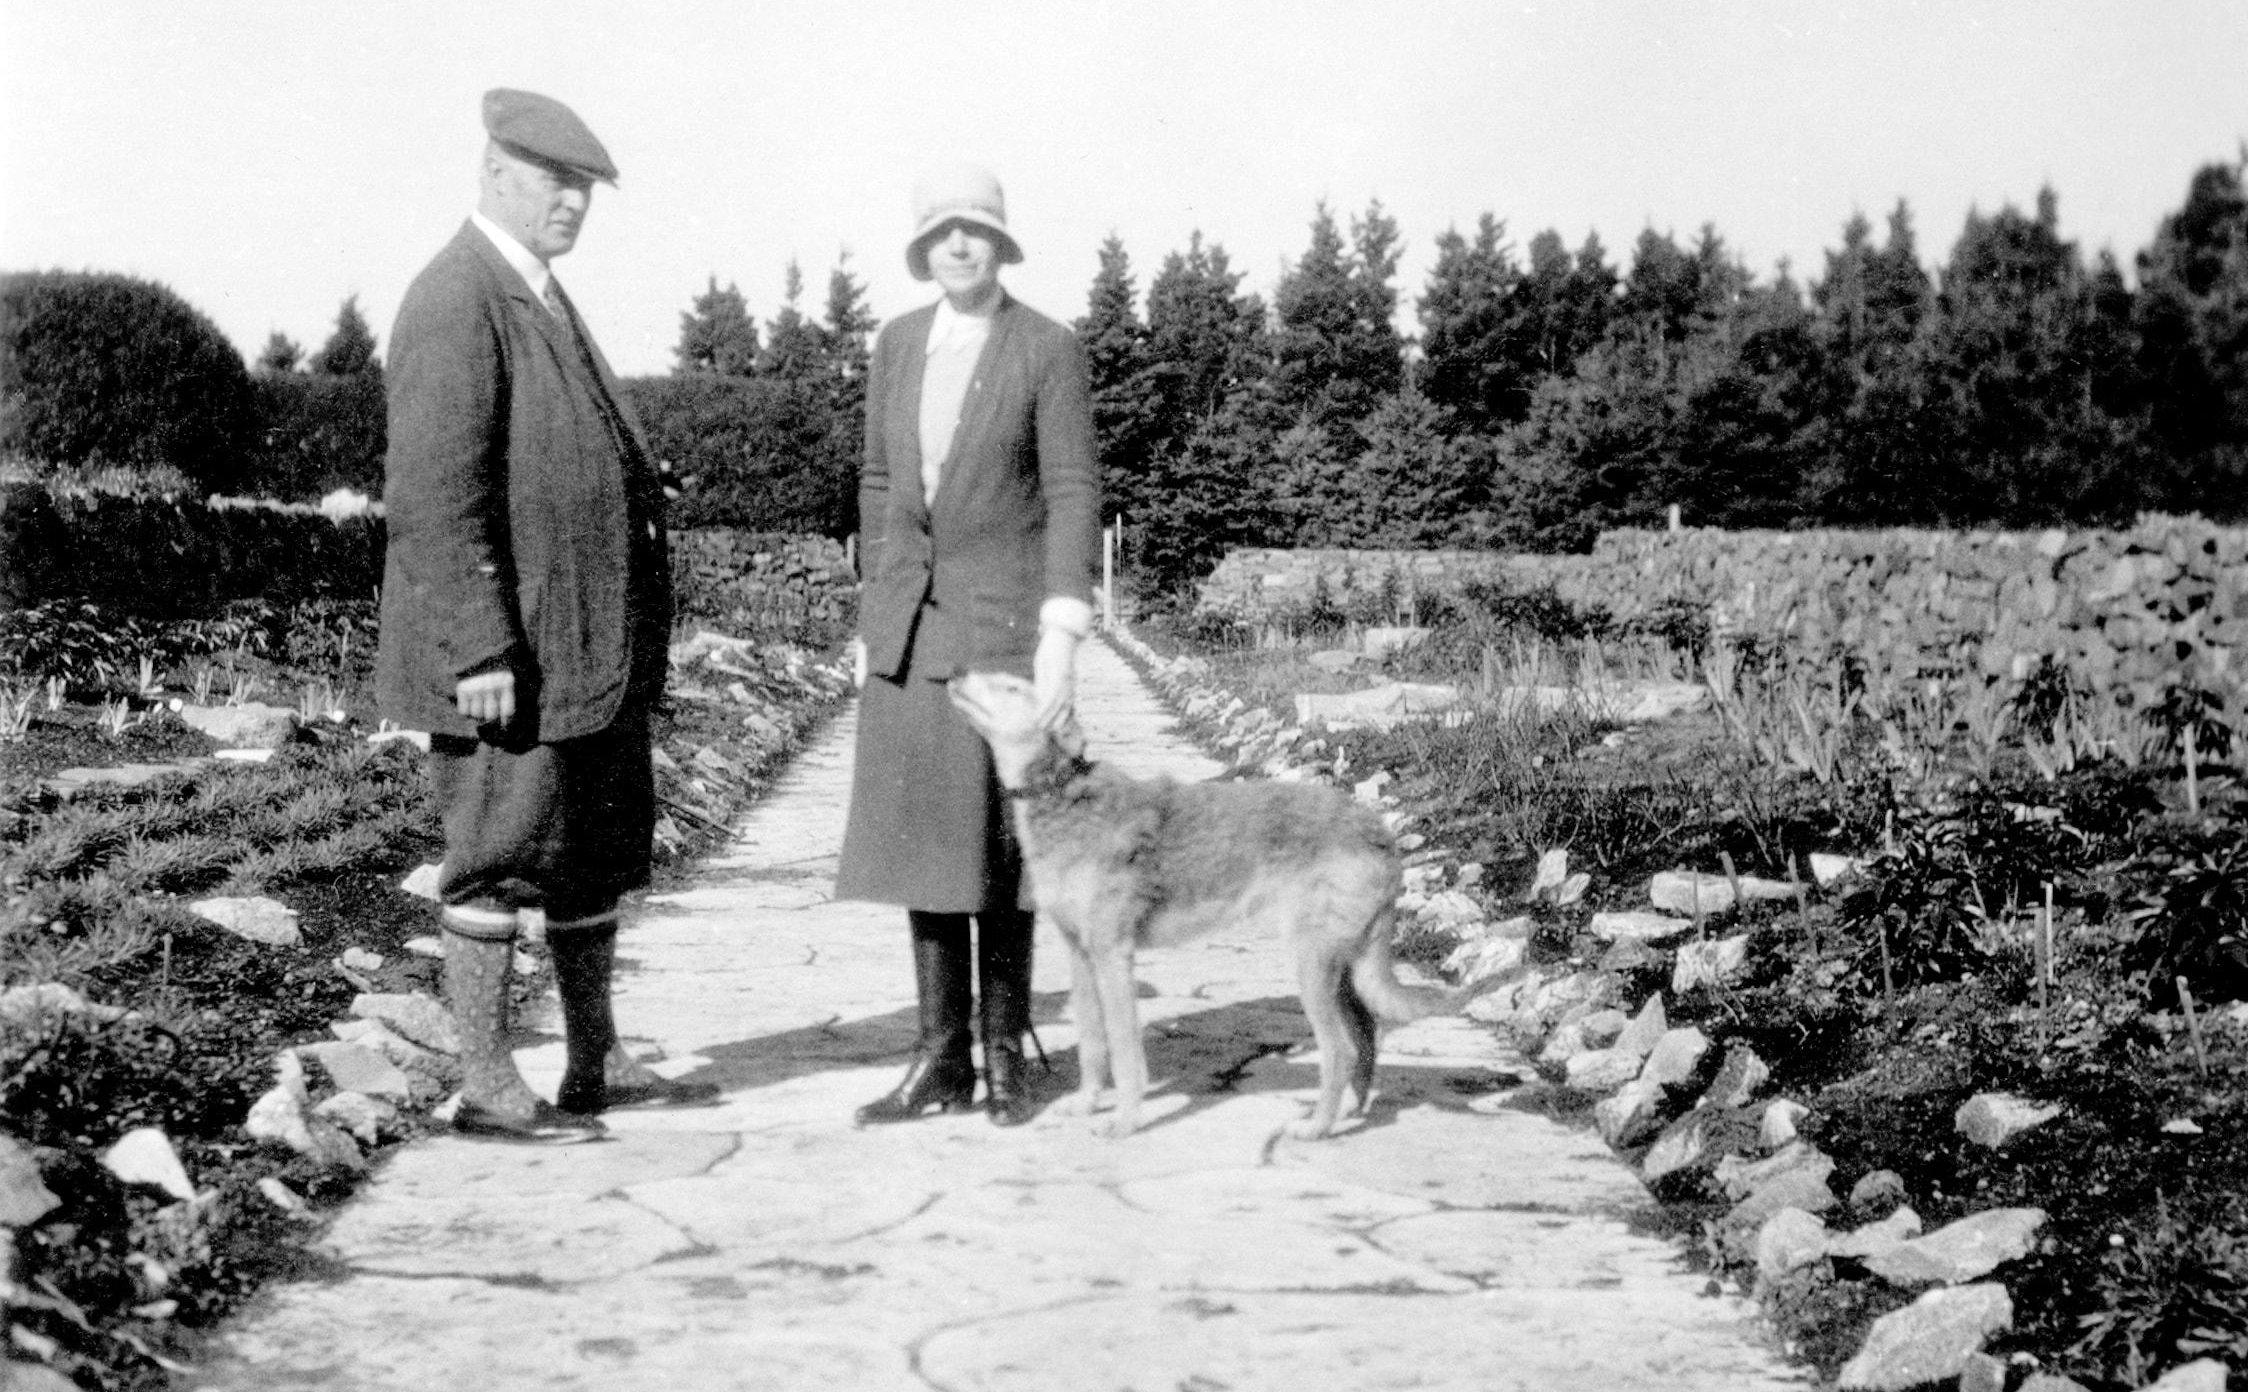 Un homme et une femme accompagnés d'un chien prennent la pose dans une allée large d'un grand jardin.